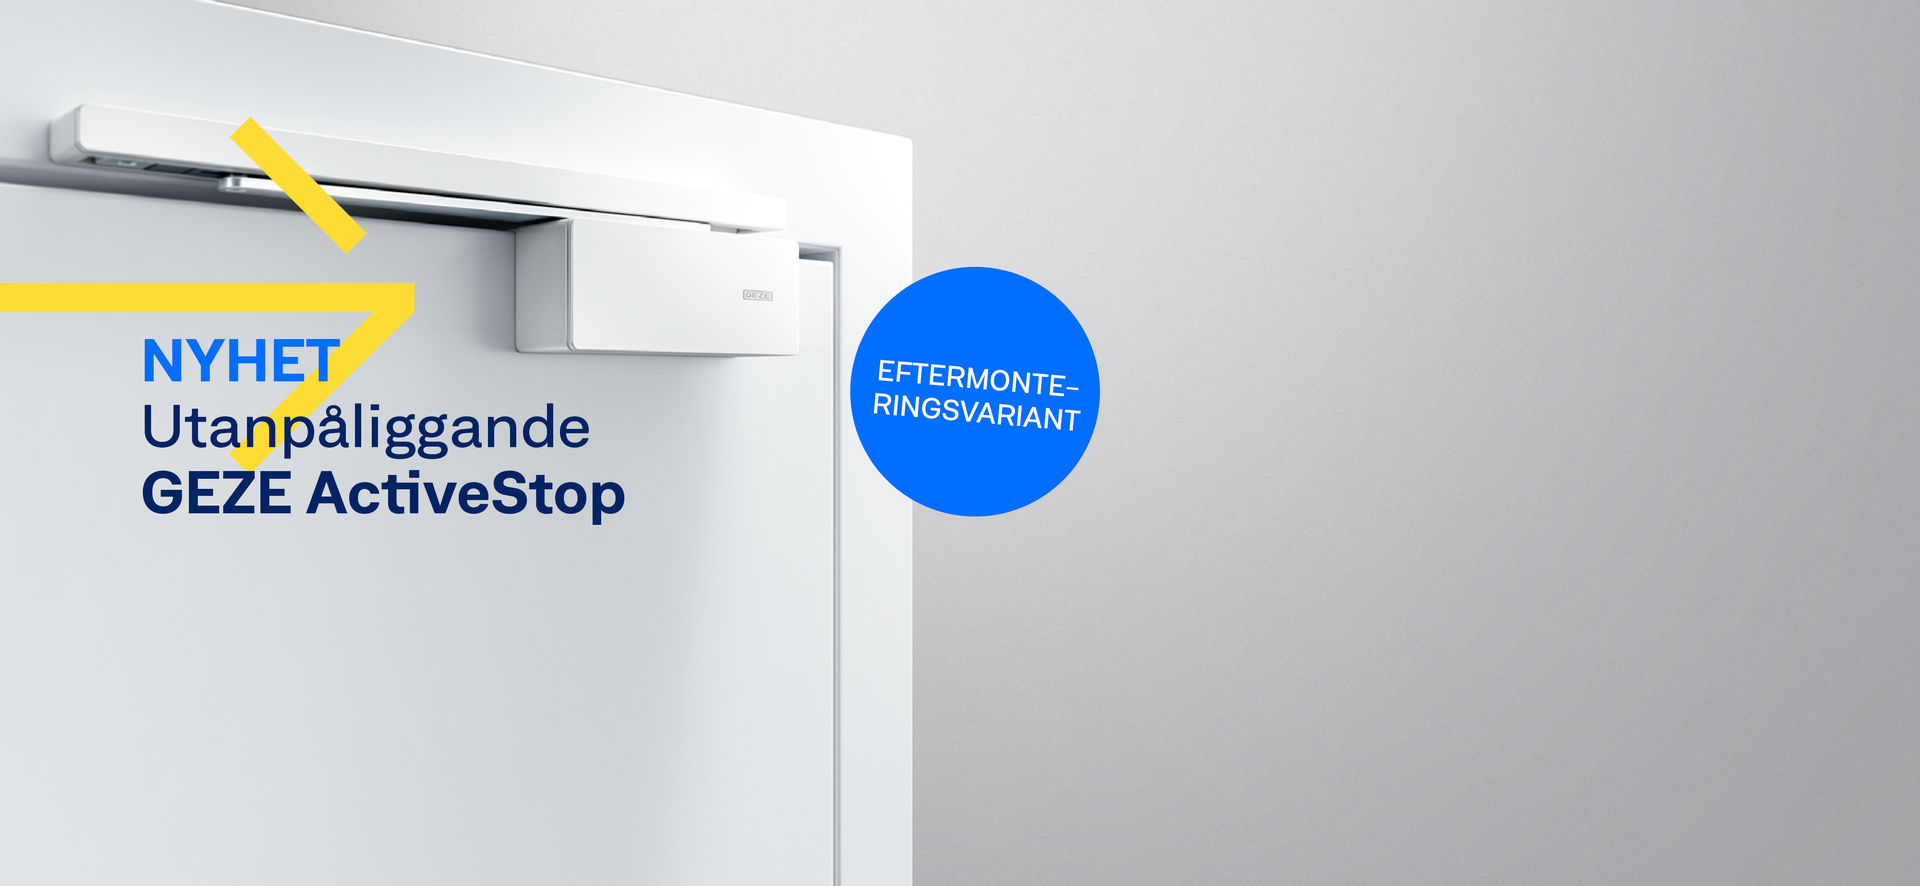 GEZE ActiveStop bromsar upp dörrar mjukt, stänger dem tyst och håller dem öppna på ett bekvämt sätt. Förutom den välbeprövade integrerade varianten erbjuder vi nu också en utanpåliggande variant som enkelt kan eftermonteras.